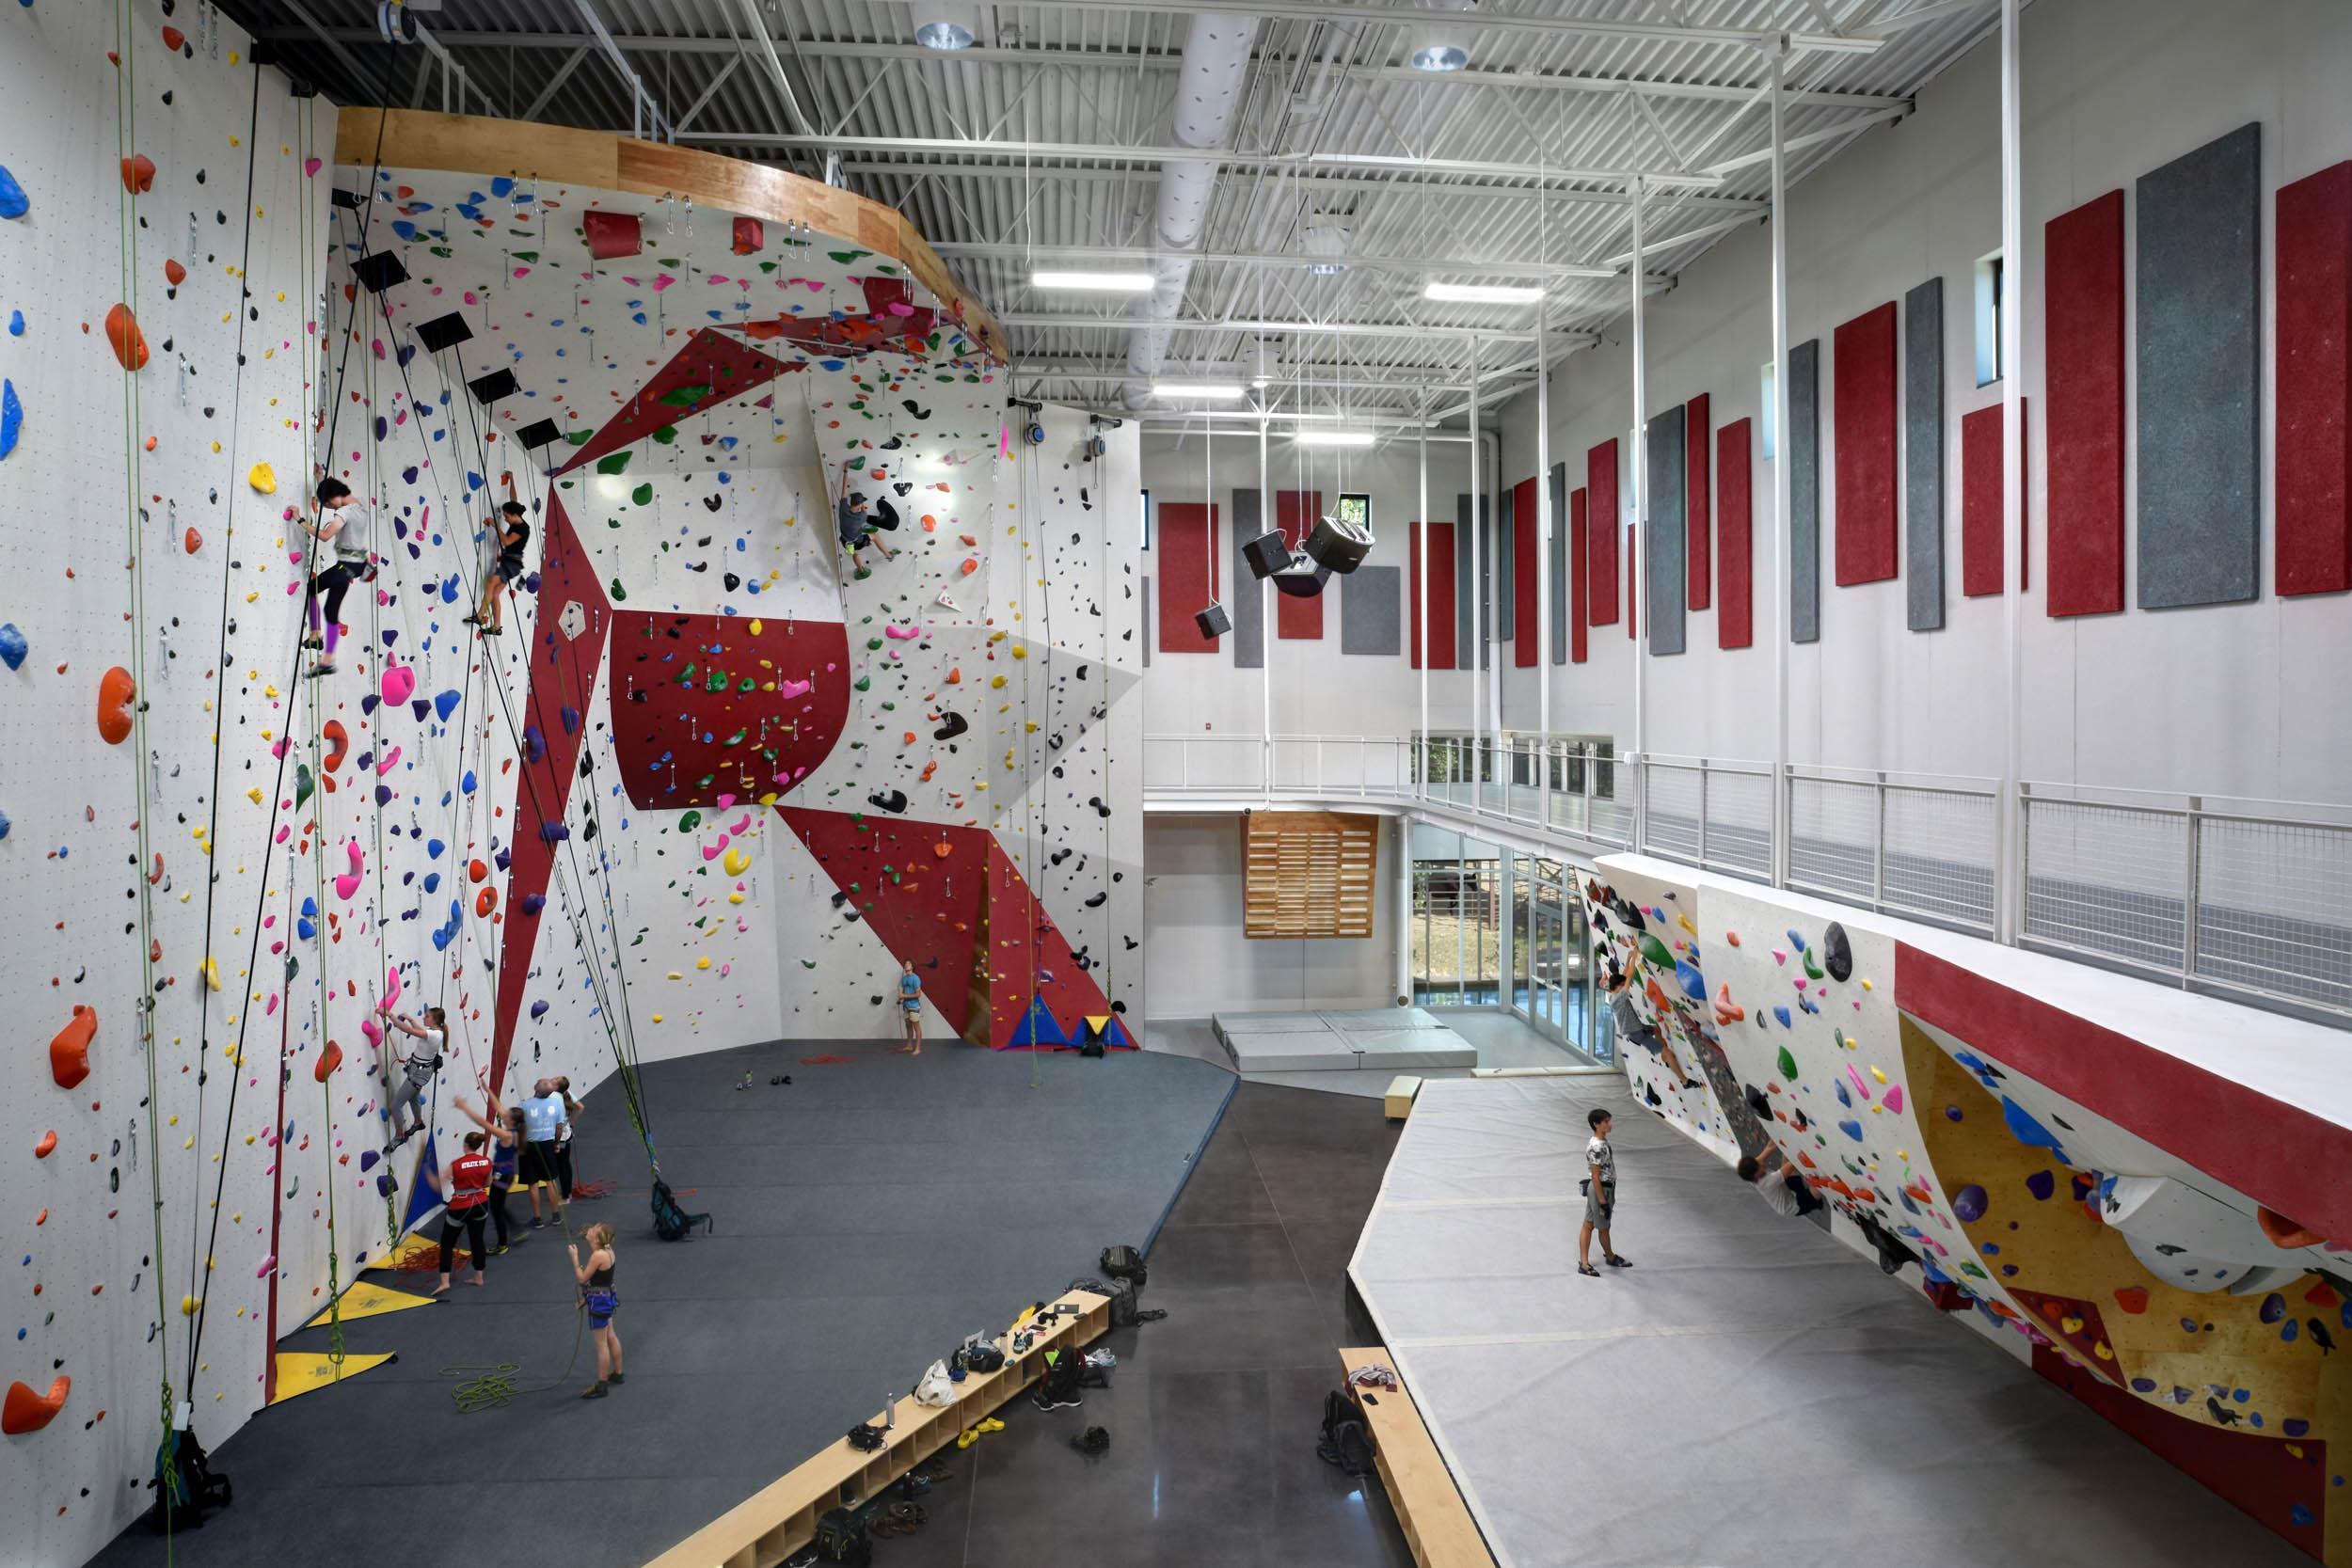 科罗拉多喷泉谷学校